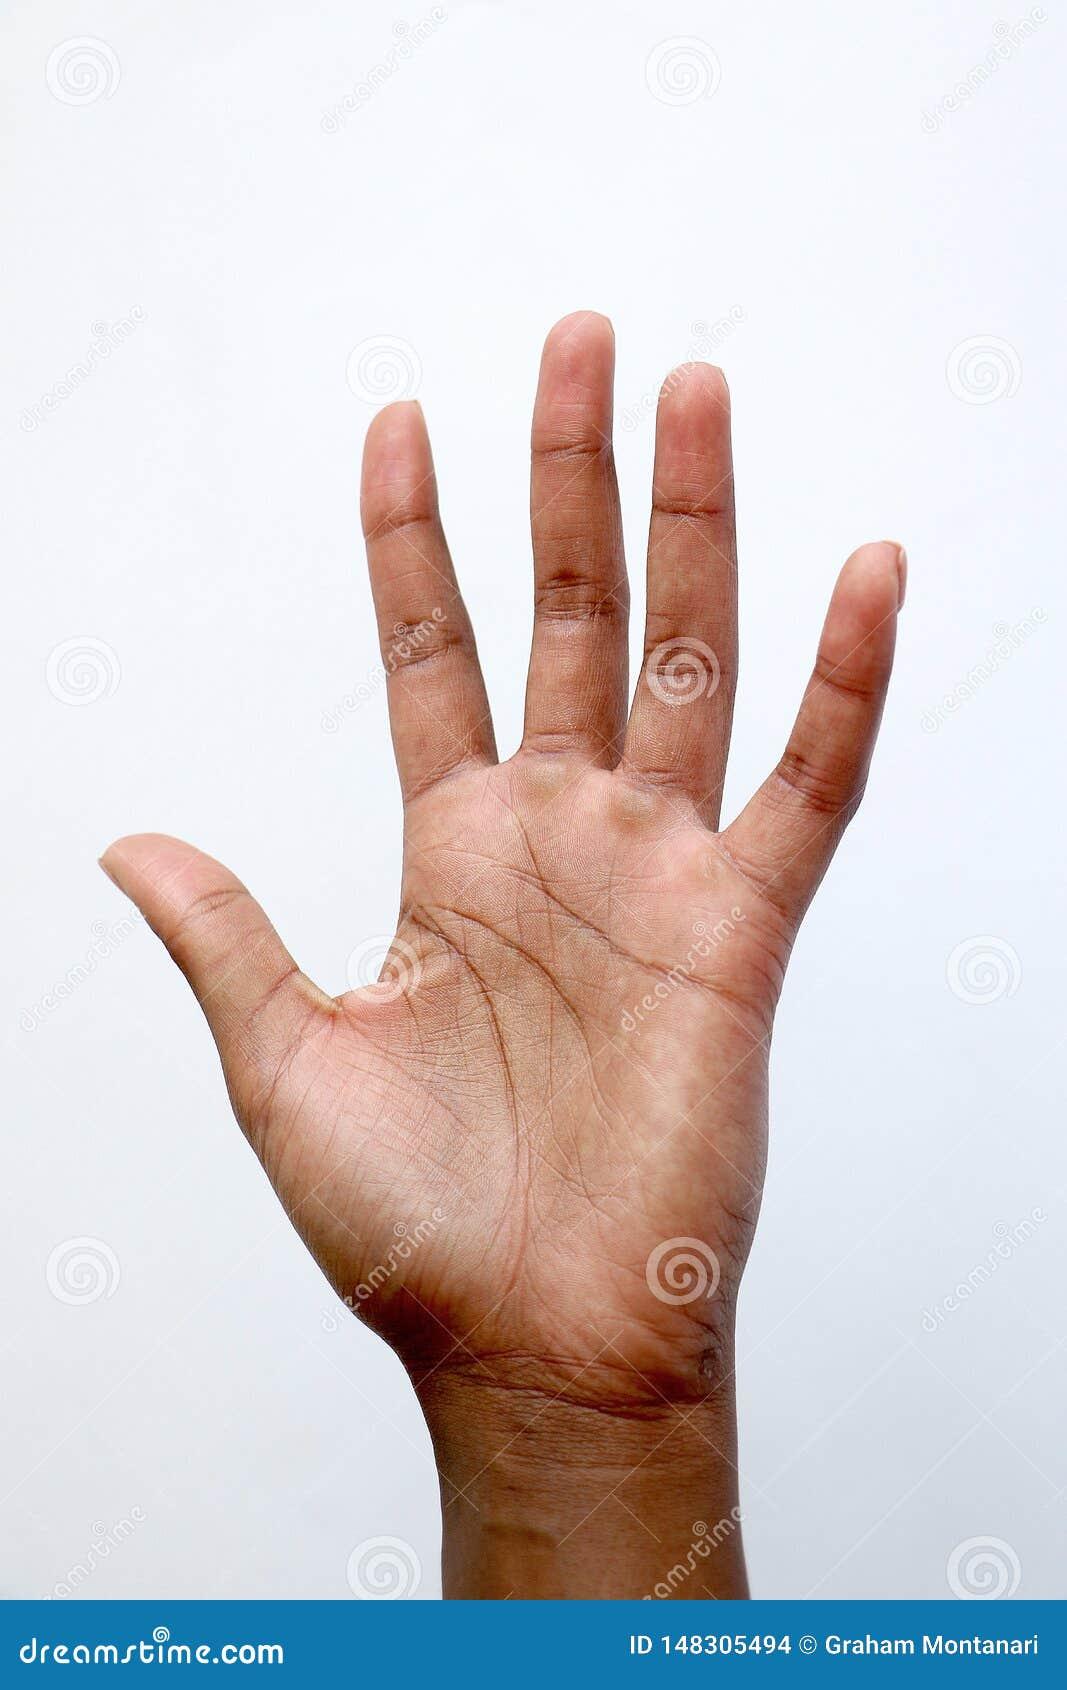 非洲黑人印度手陈列第五,手掌